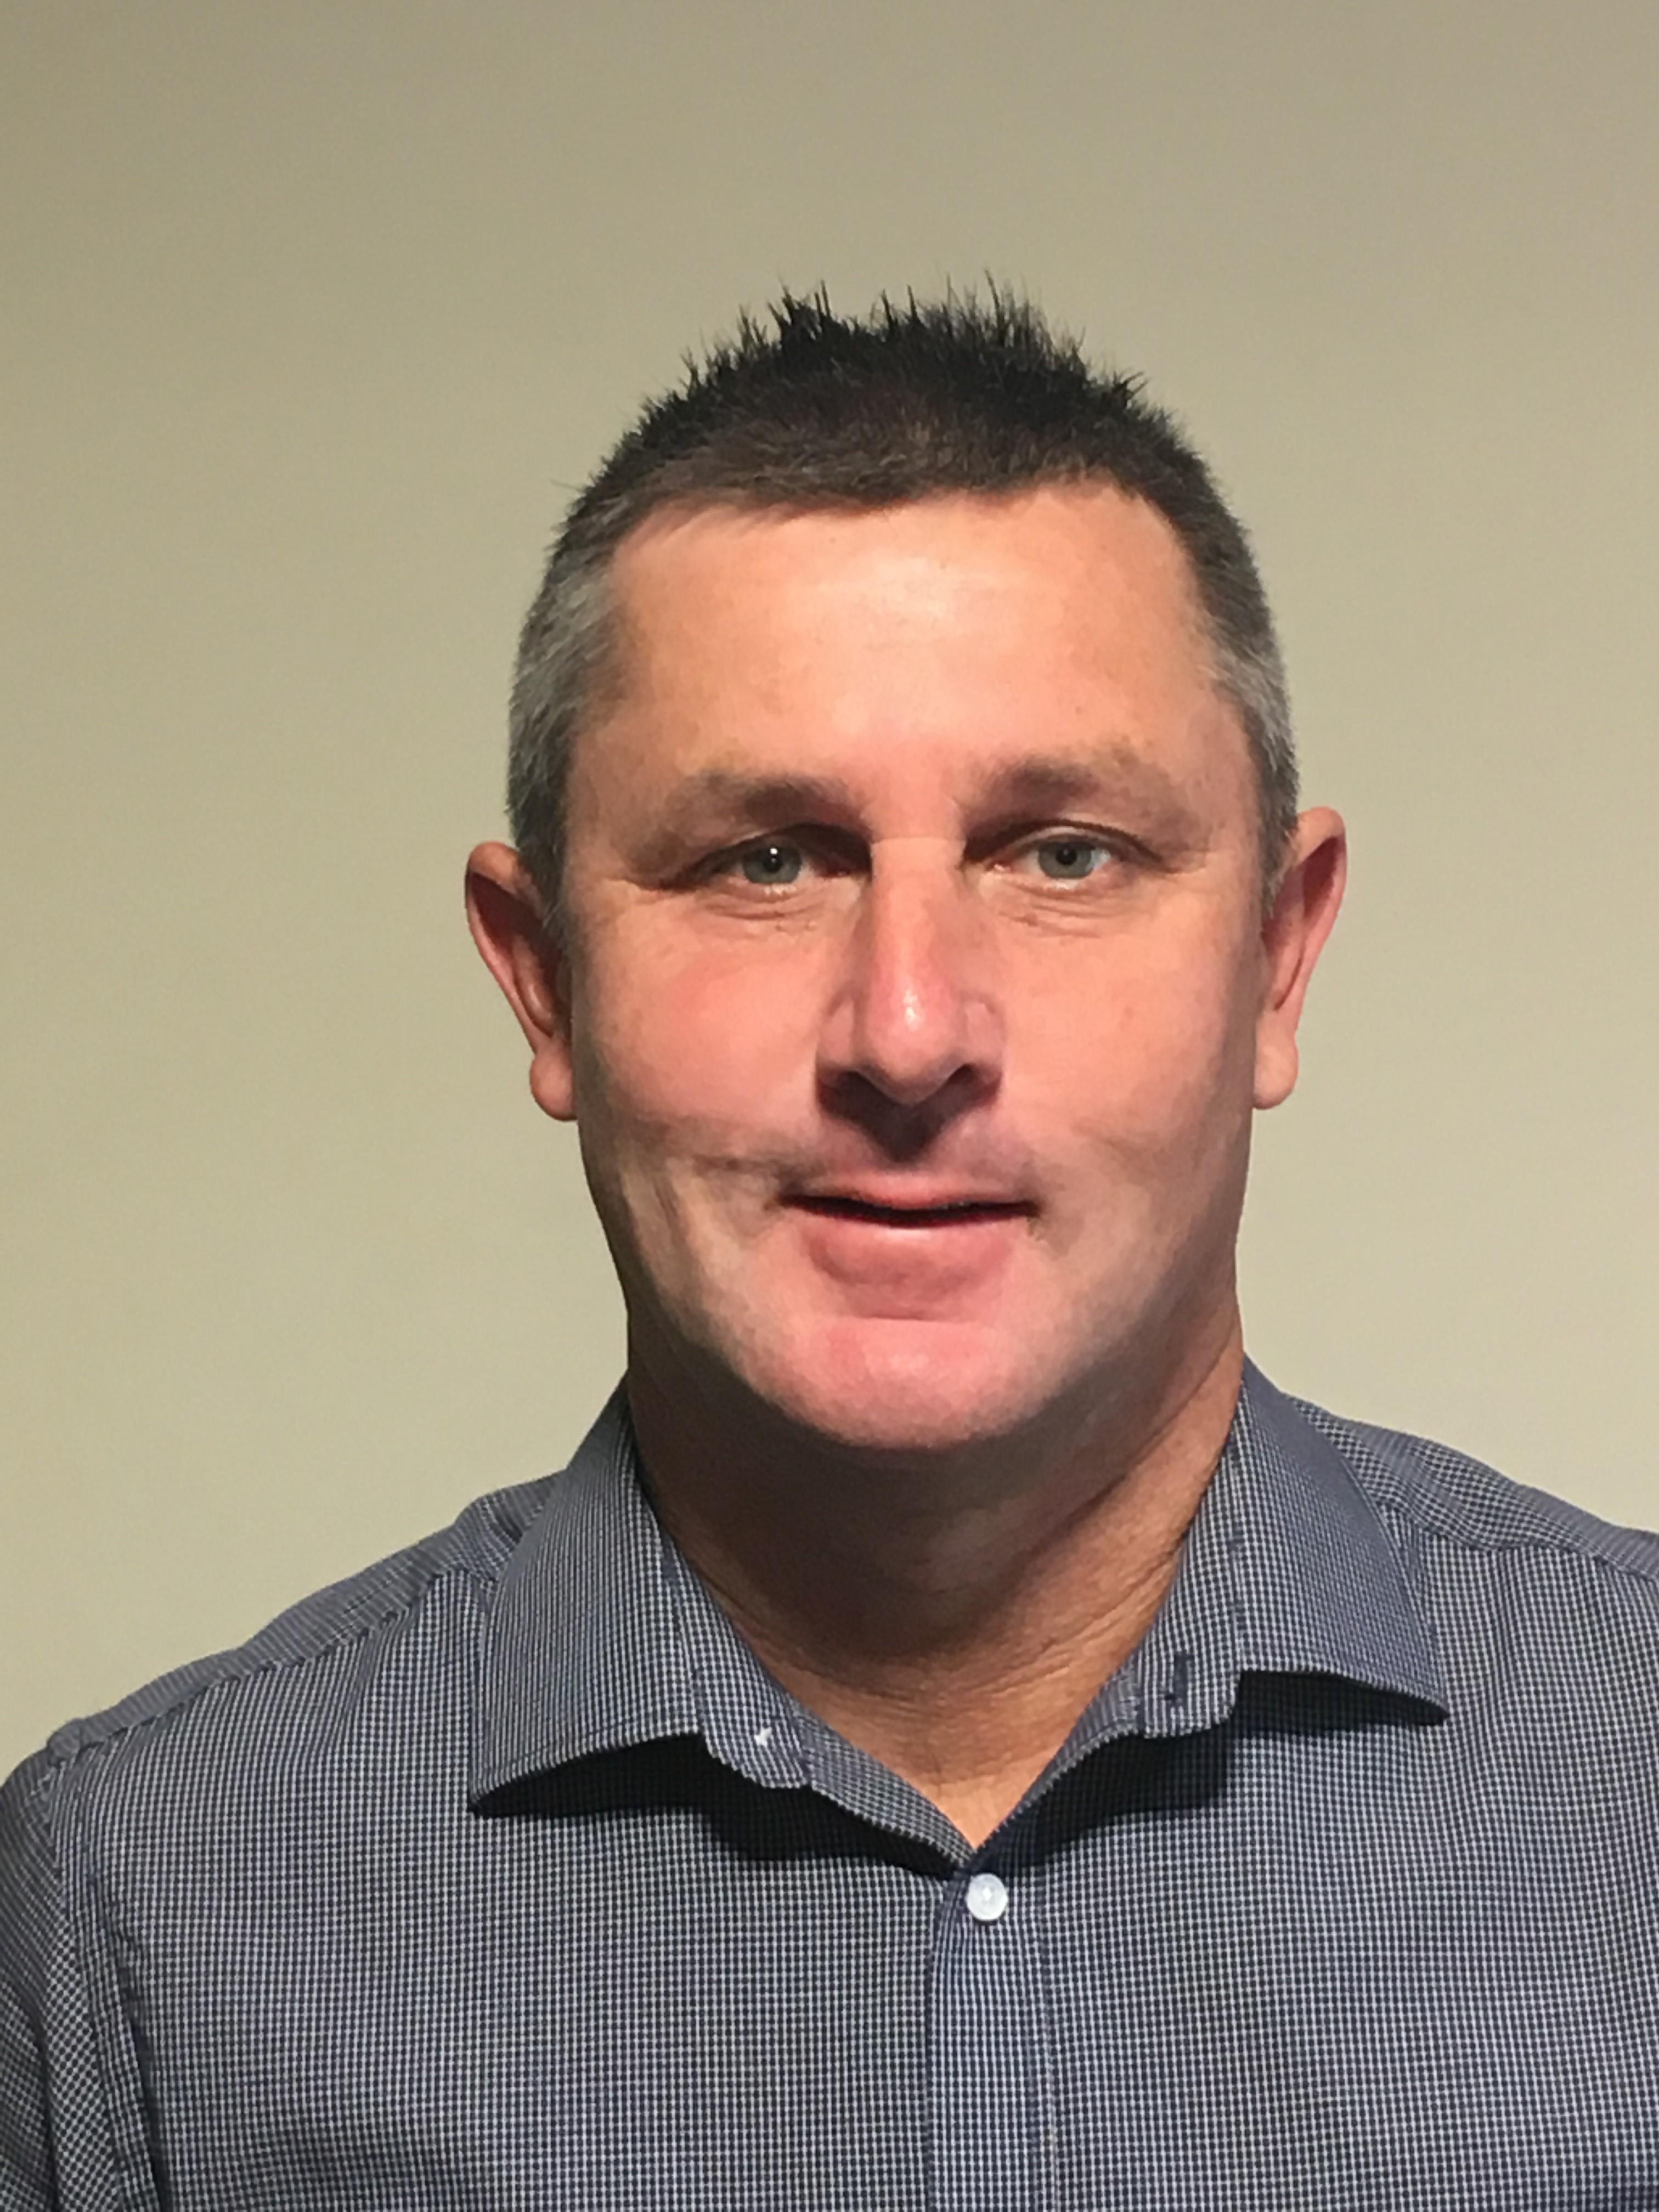 Associate Professor Luke Mosley